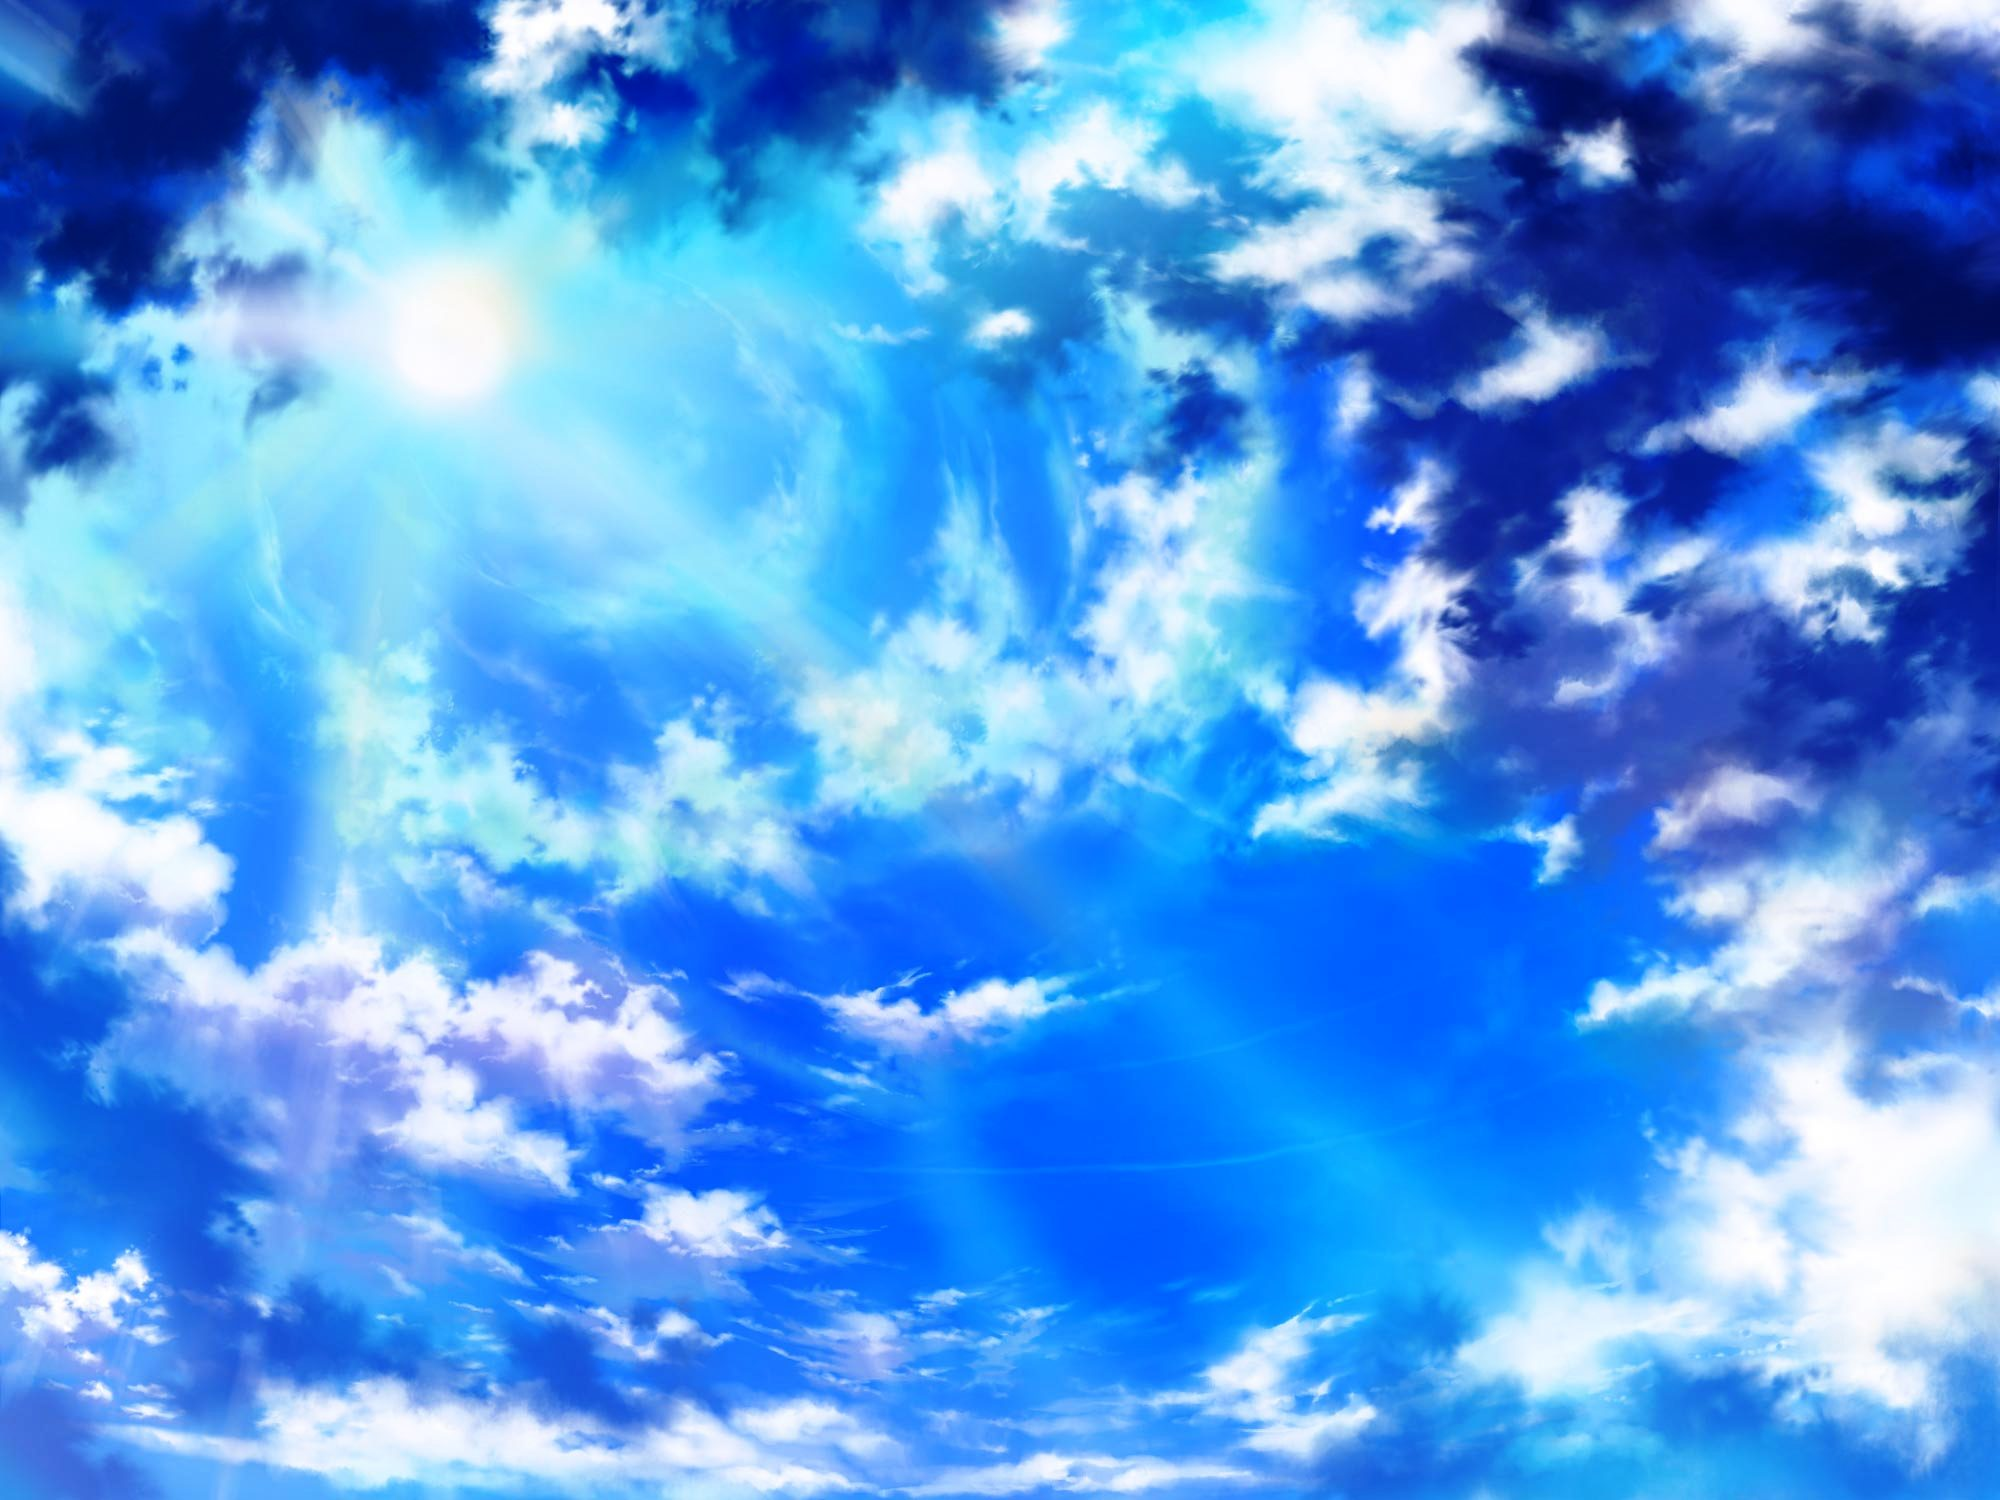 Anime Style Sky Background By Wbd On DeviantArt